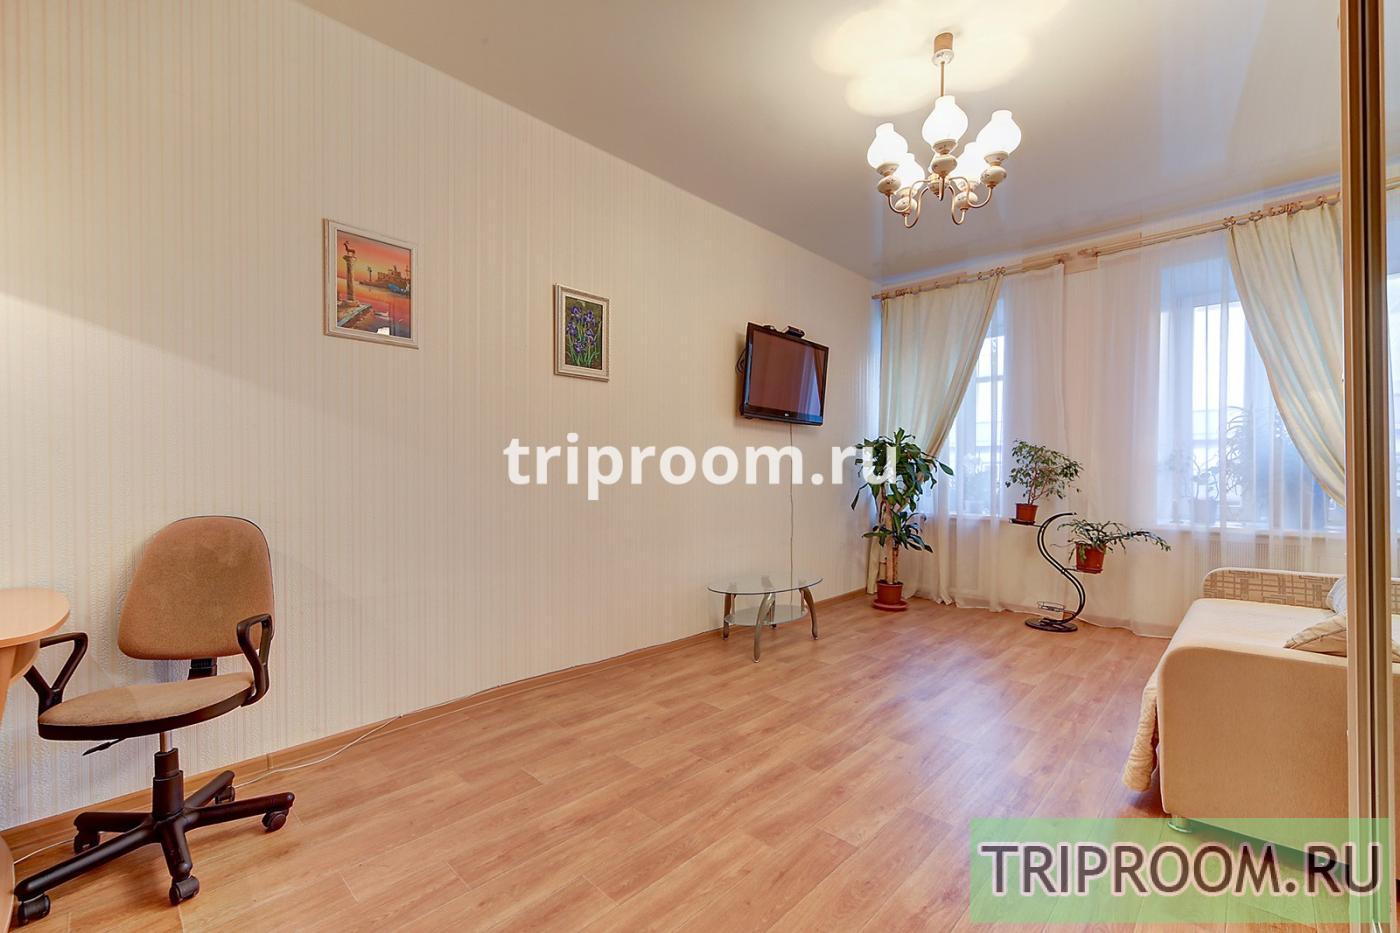 2-комнатная квартира посуточно (вариант № 15459), ул. Адмиралтейская набережная, фото № 6